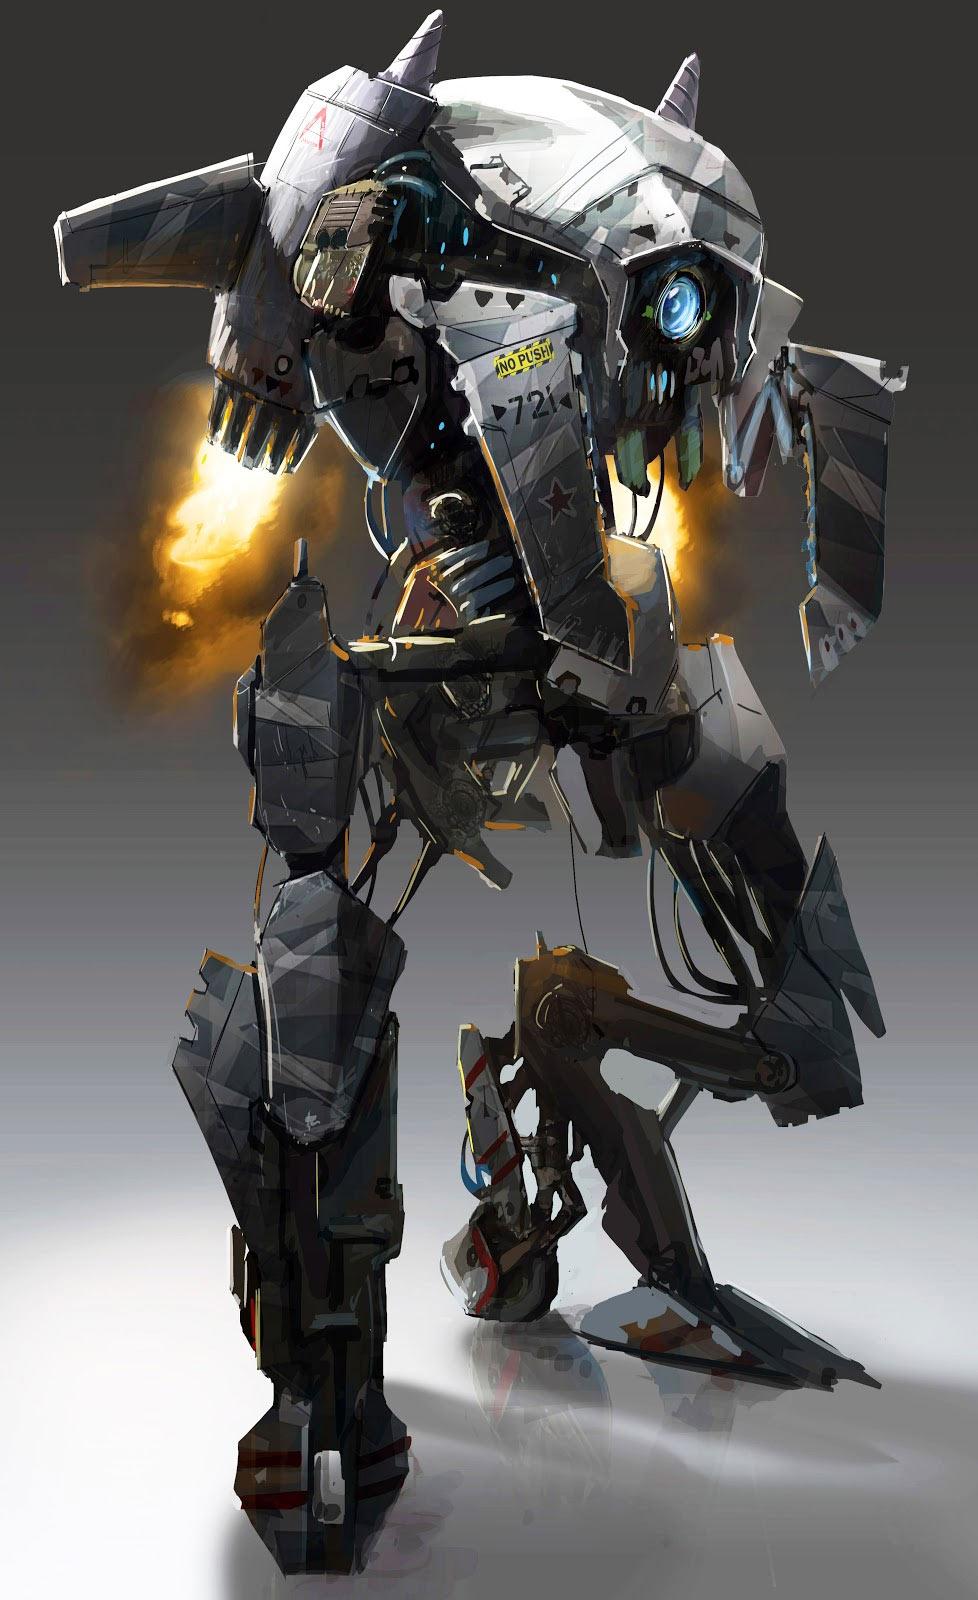 robot science fiction concept -#main